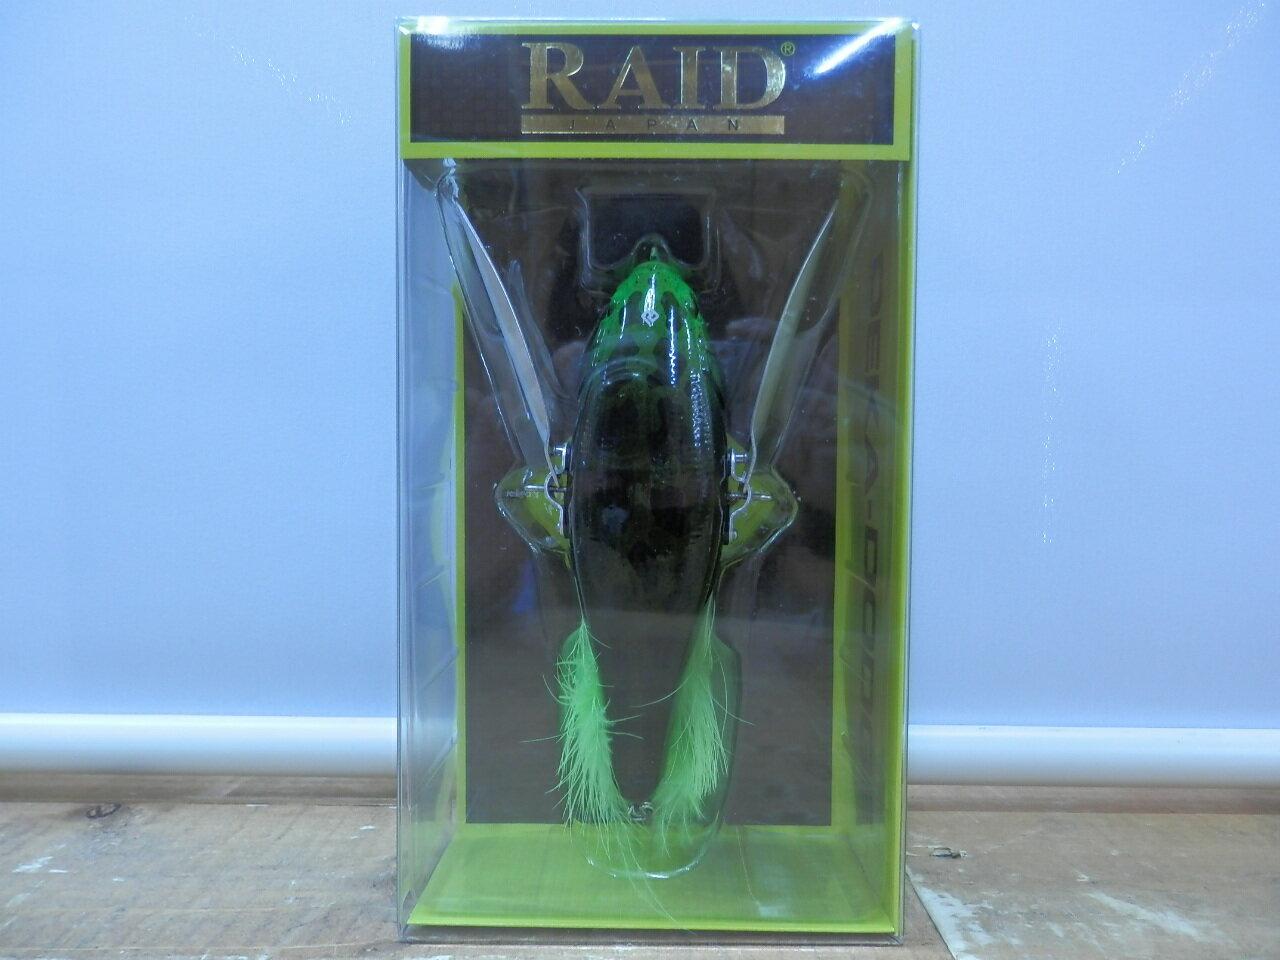 RAID JAPAN/レイドジャパンデカダッジ DGL004 BULL FROG/ブルフロッグ【恐らく未使用】【釣り/つり/釣具/ルアー】